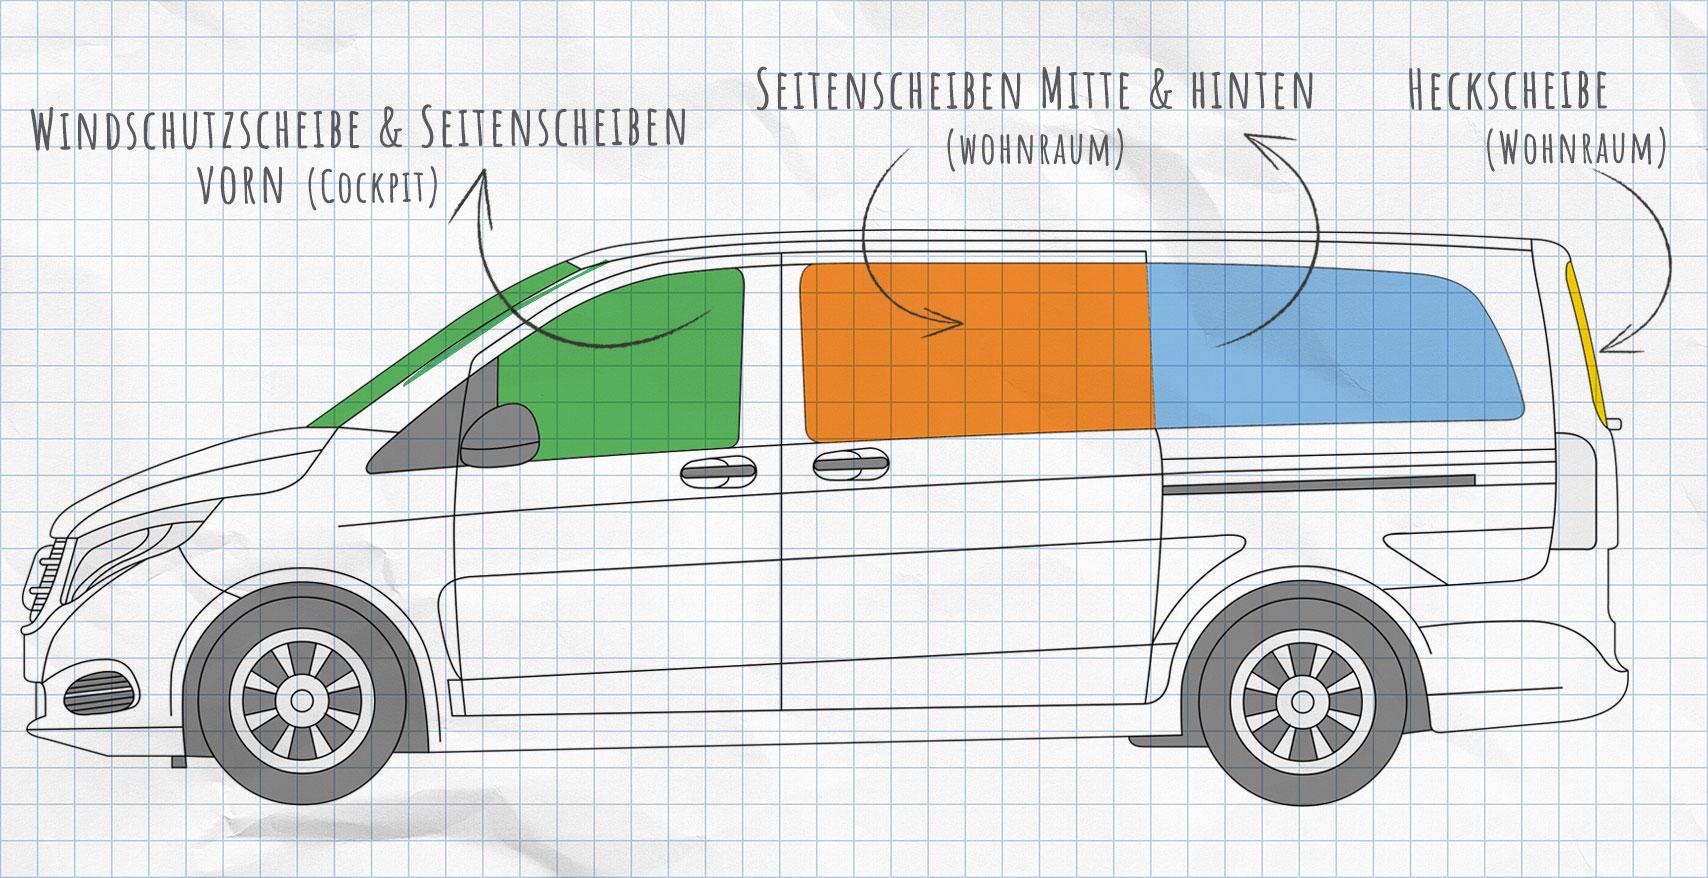 Schwarz Fahrgastraum Mercedes Vito W639 Extralang 2-Schiebetür